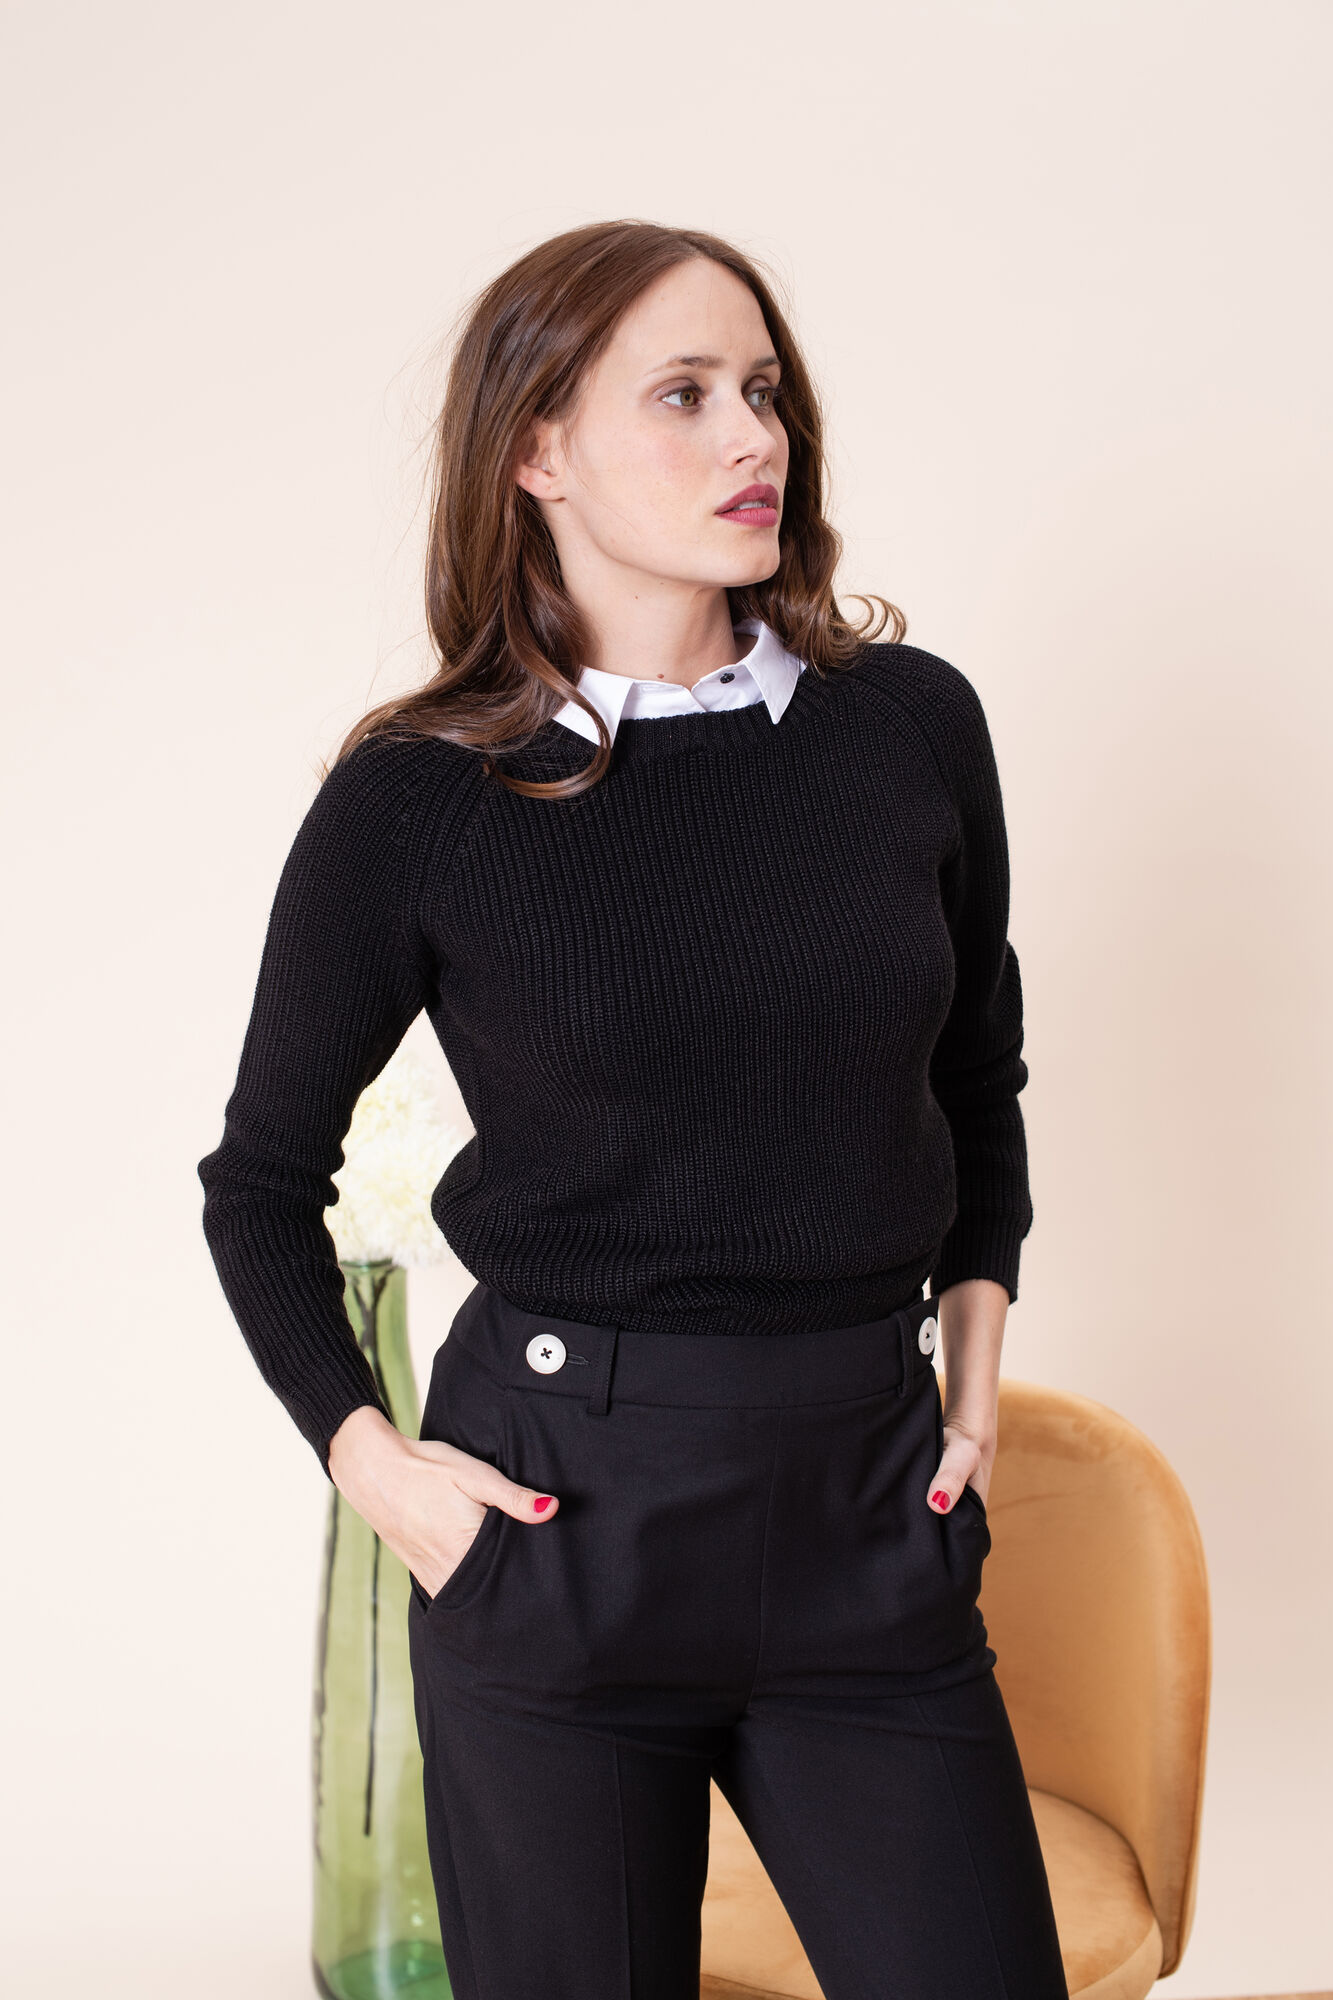 Zwarte Trui Dames.Trui En Vest Charlene Zwarte Trui En Vest Voor Dames Voor 90 00